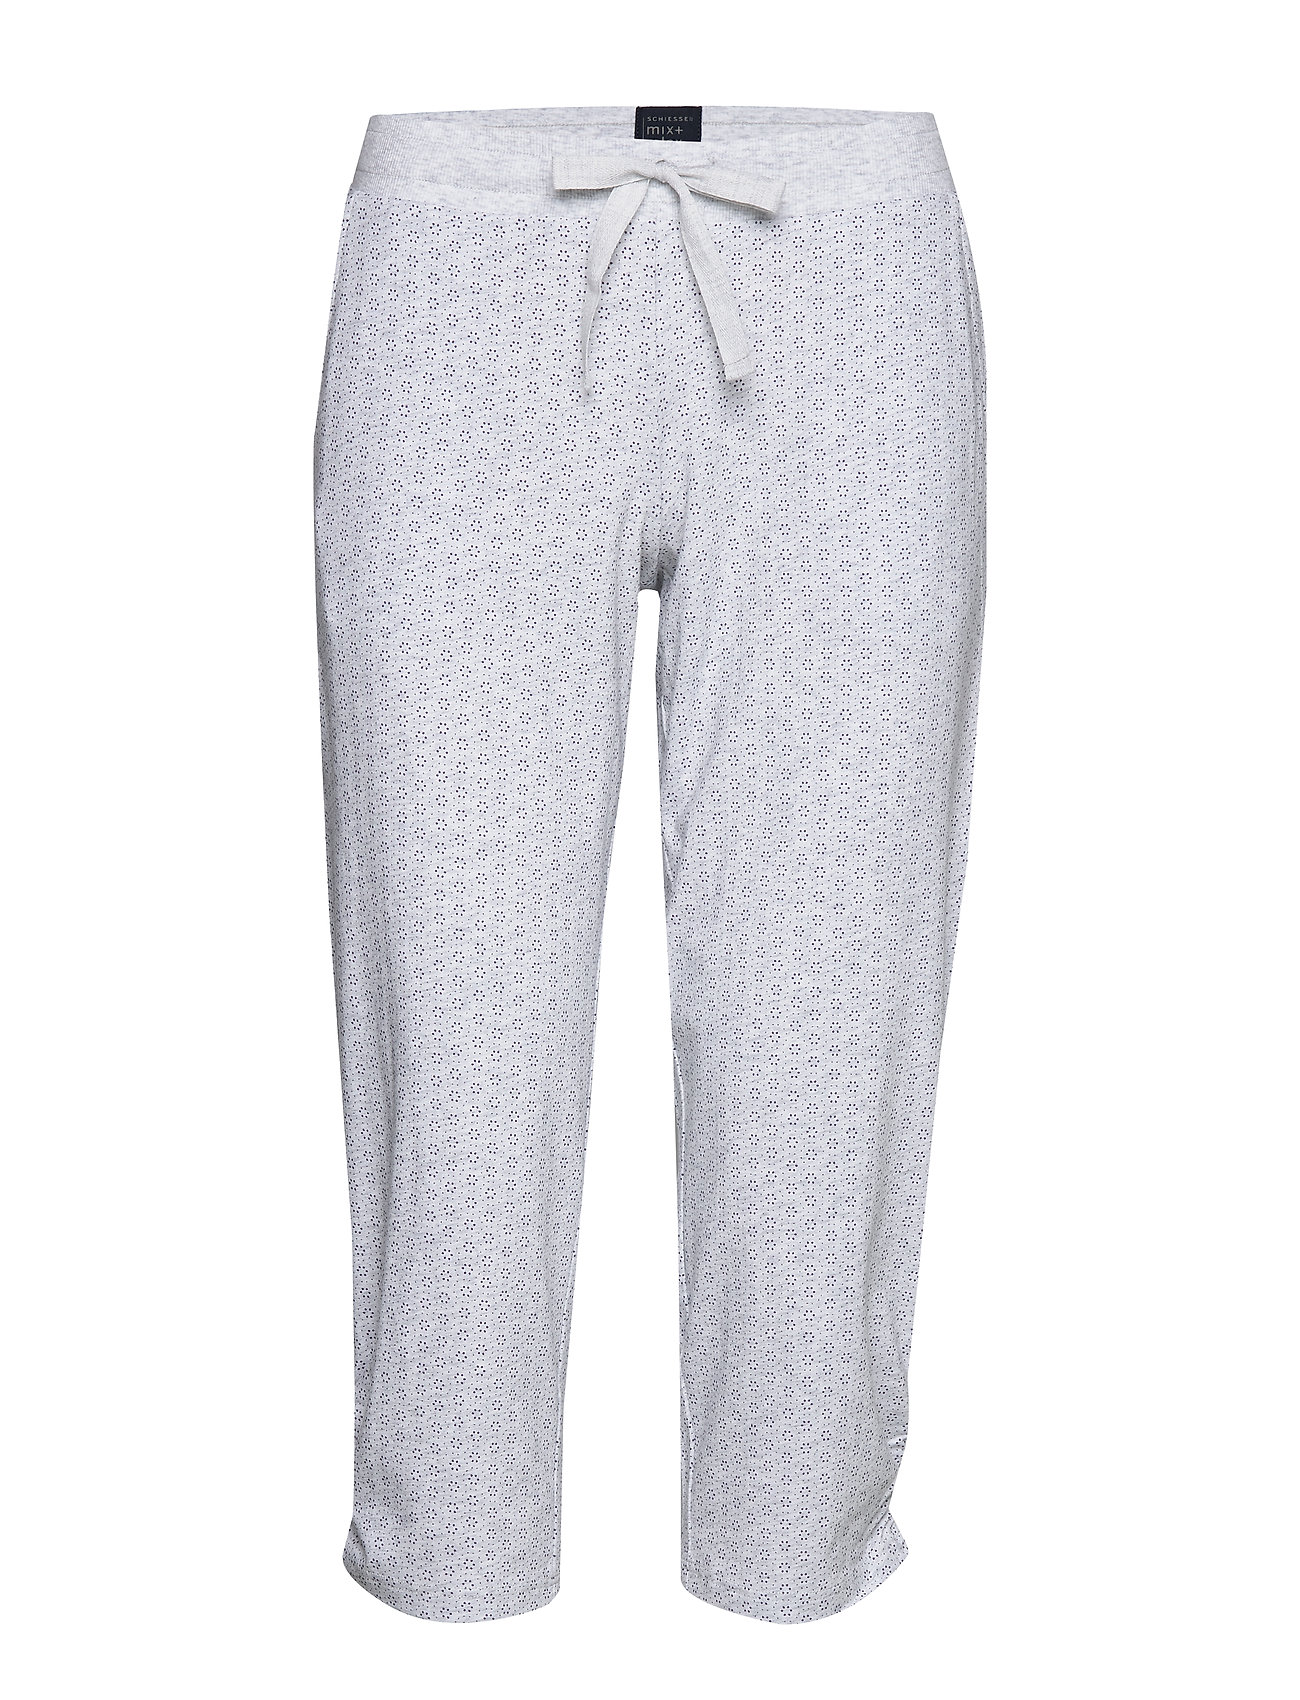 Schiesser Pants 3/4 - GREY MELANGE